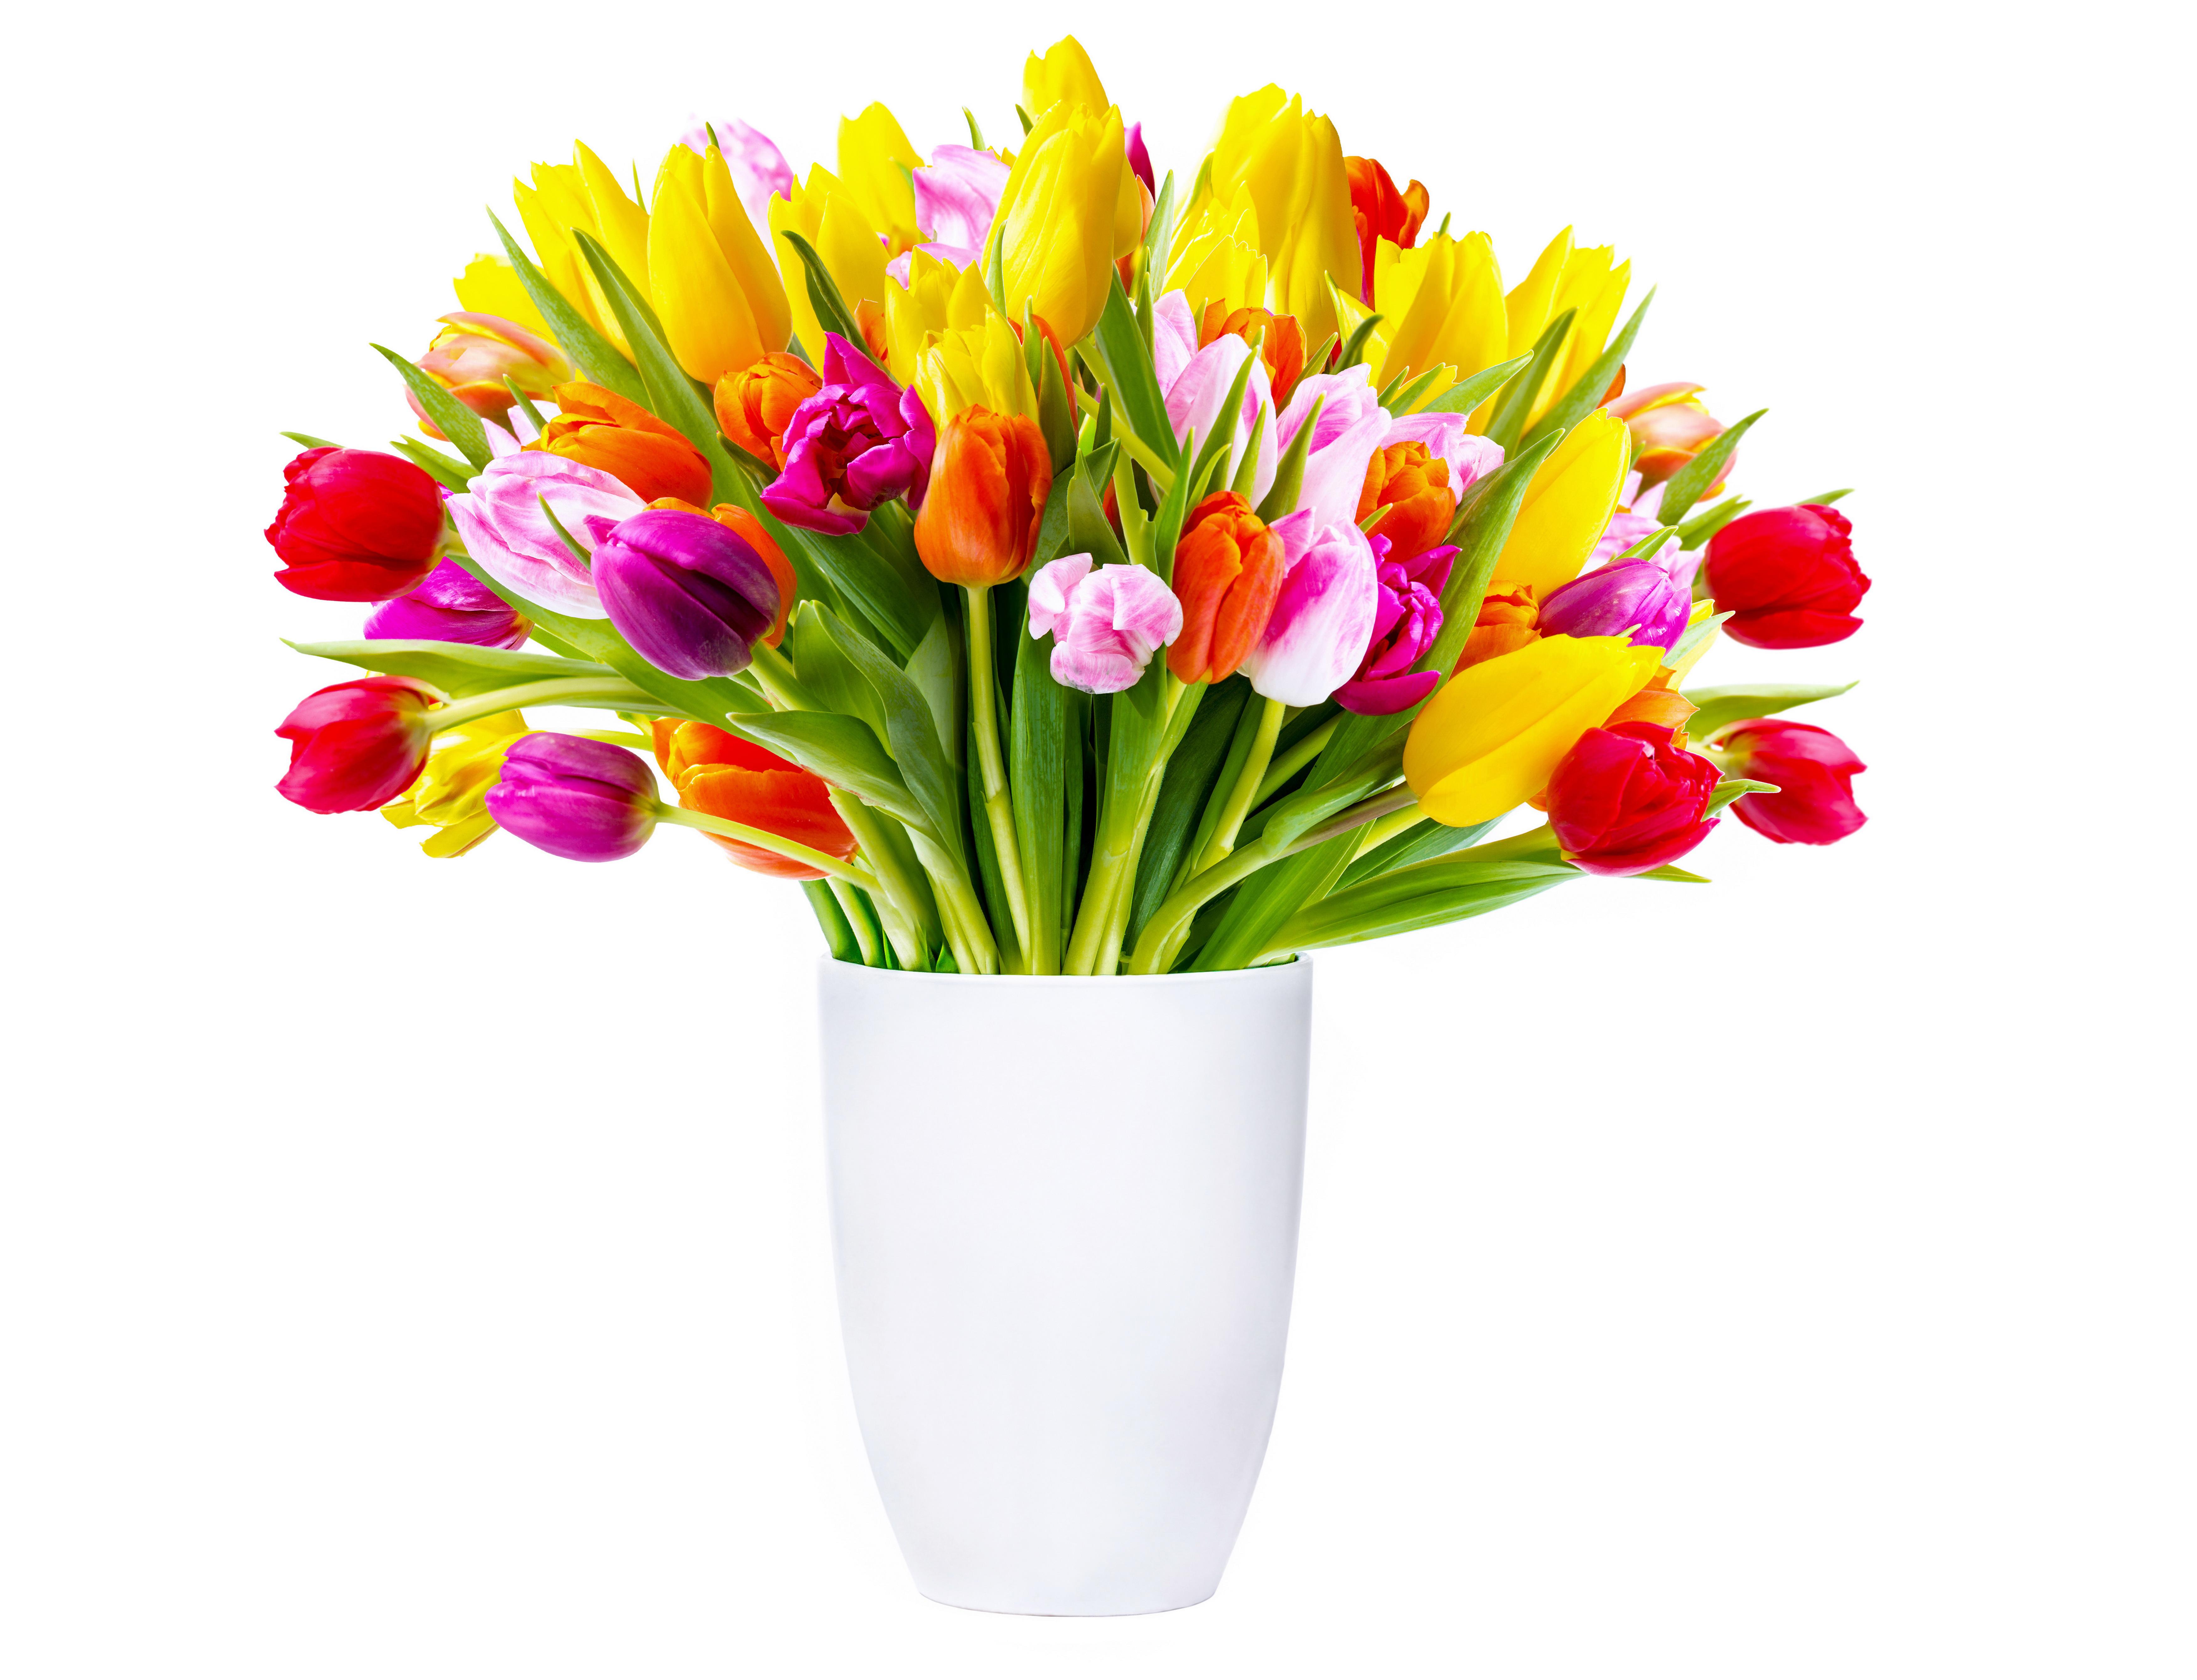 Цветы на белом фоне в вазе